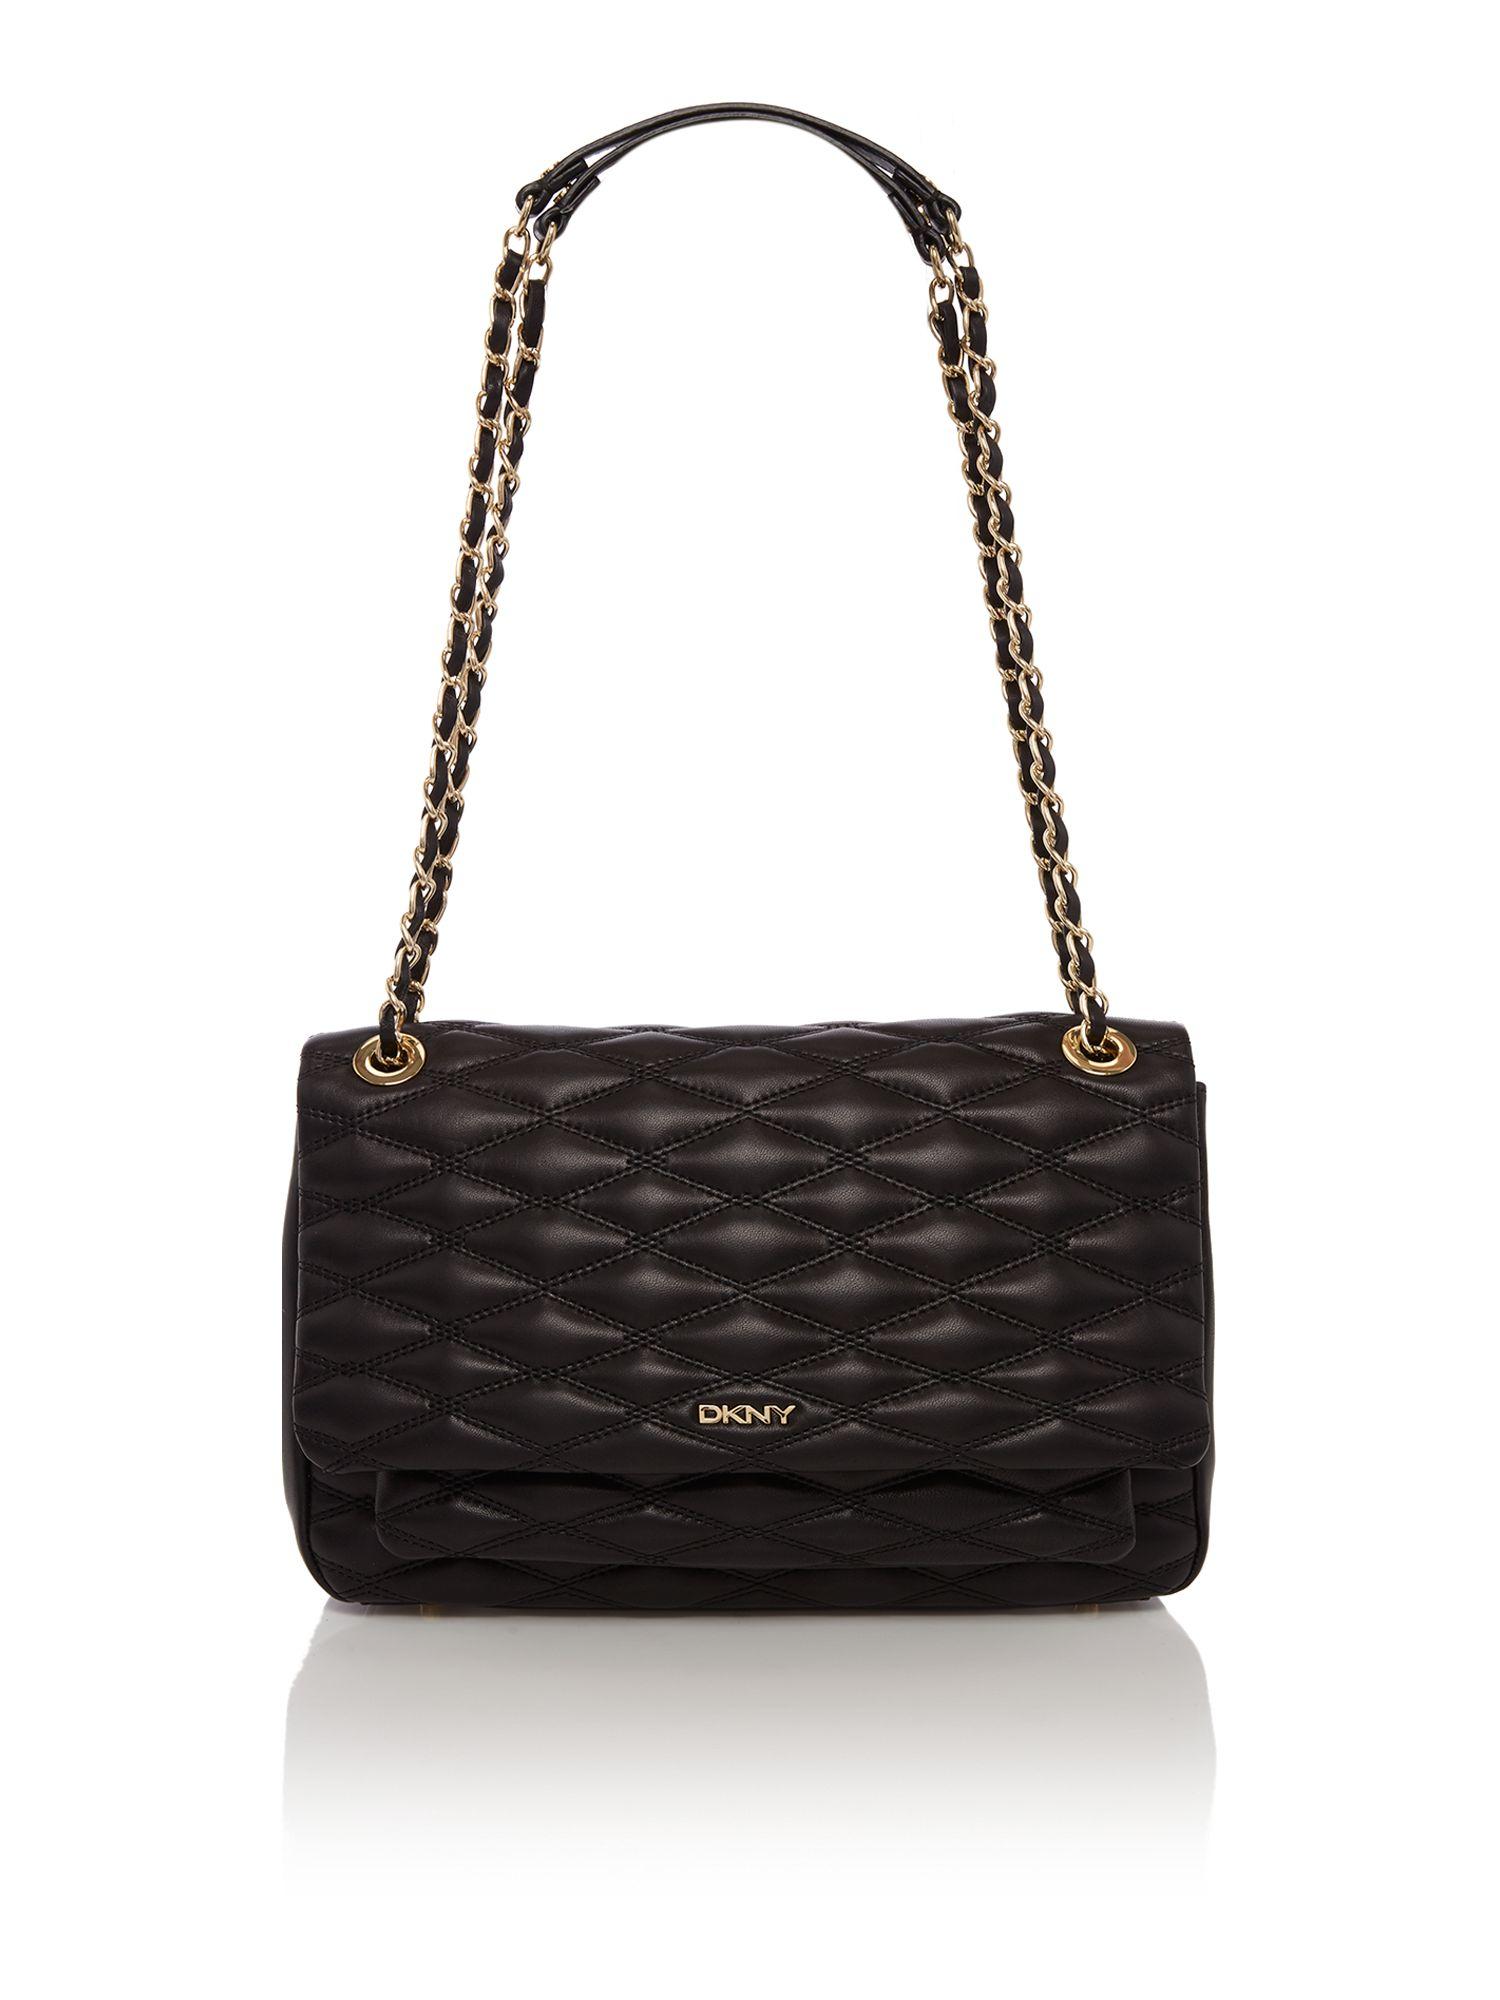 dkny quilted handbag handbags 2018